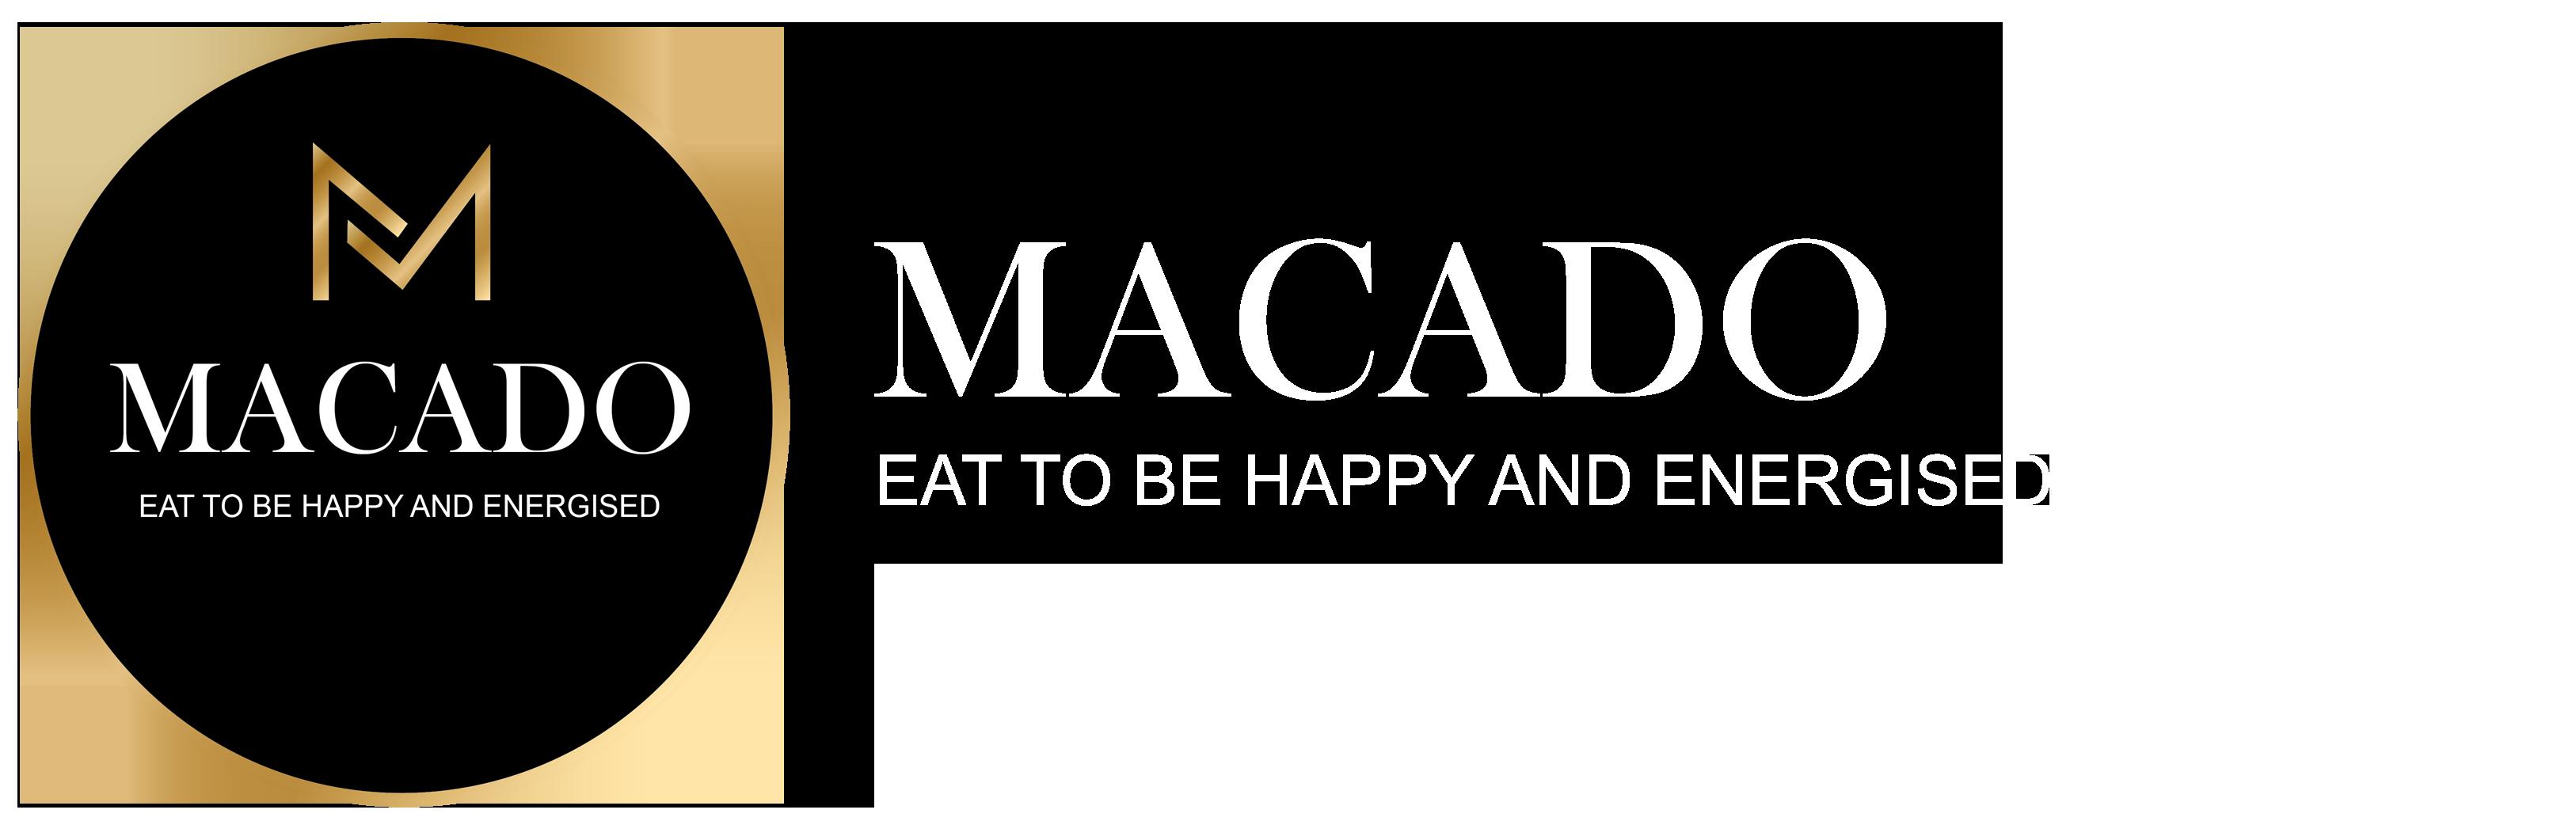 MACADO